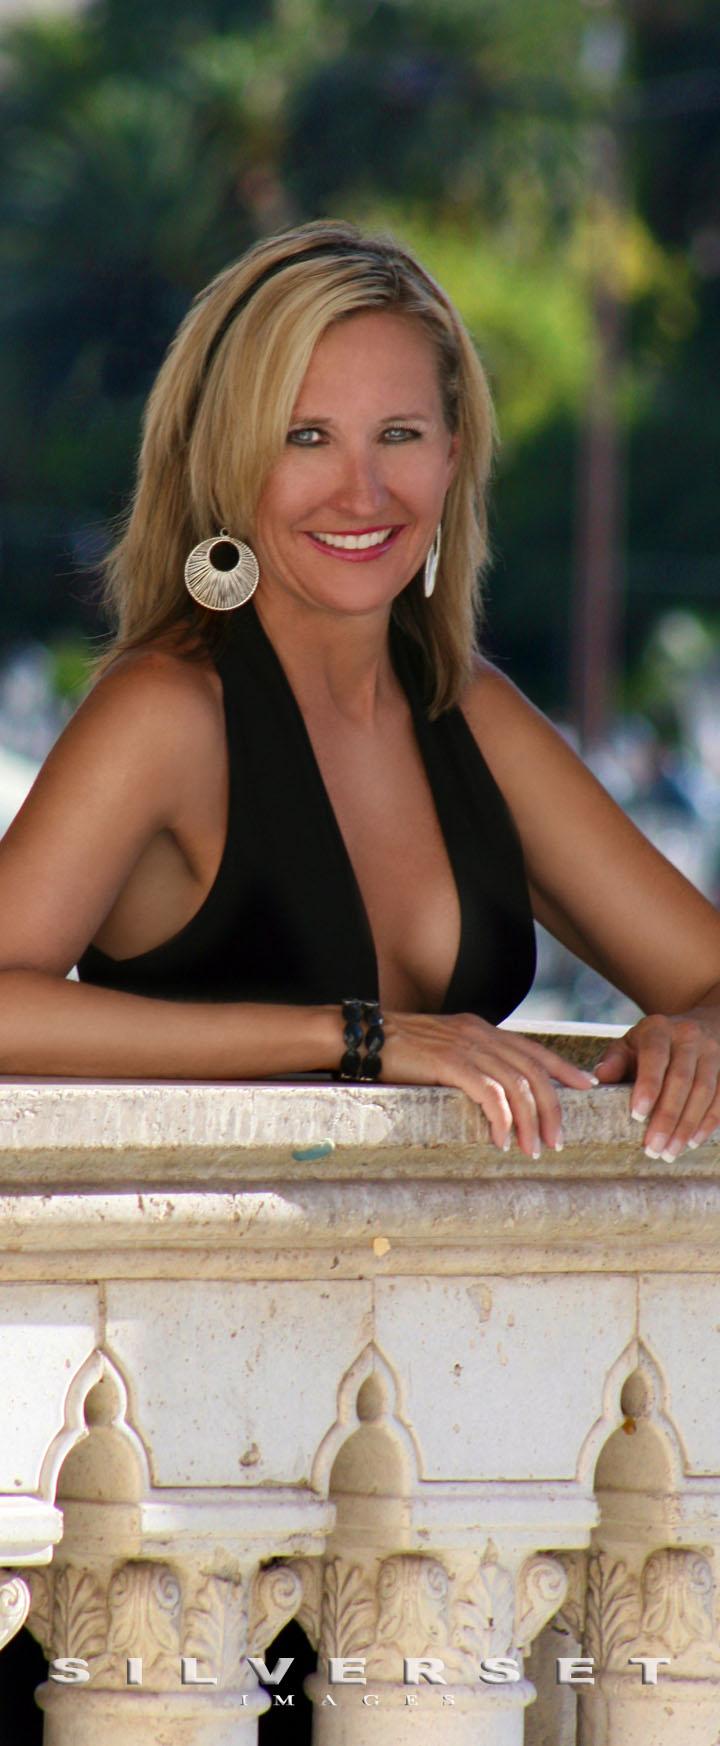 Jun 17, 2010 Silverset Images Las Vegas